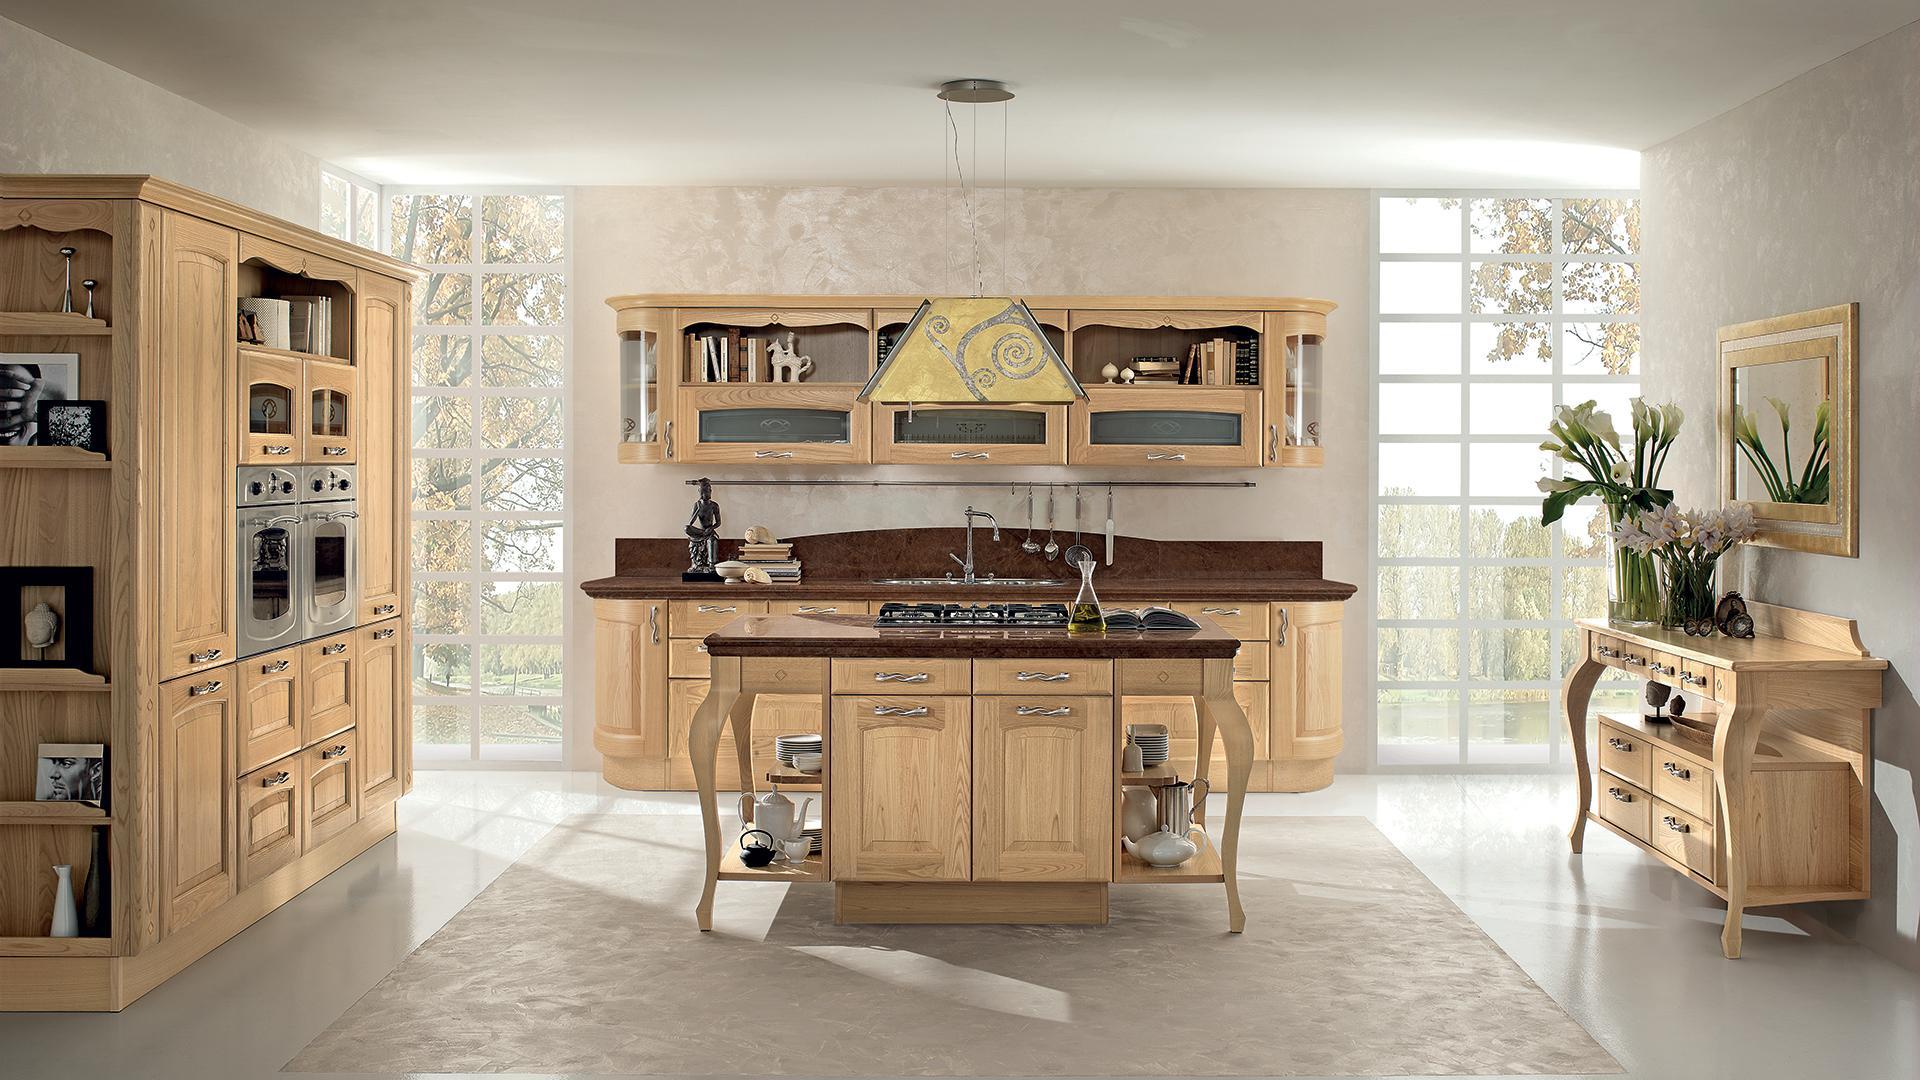 95886-veronica - Lube e Creo Store Corsico - Vendita Cucine Lube e Creo